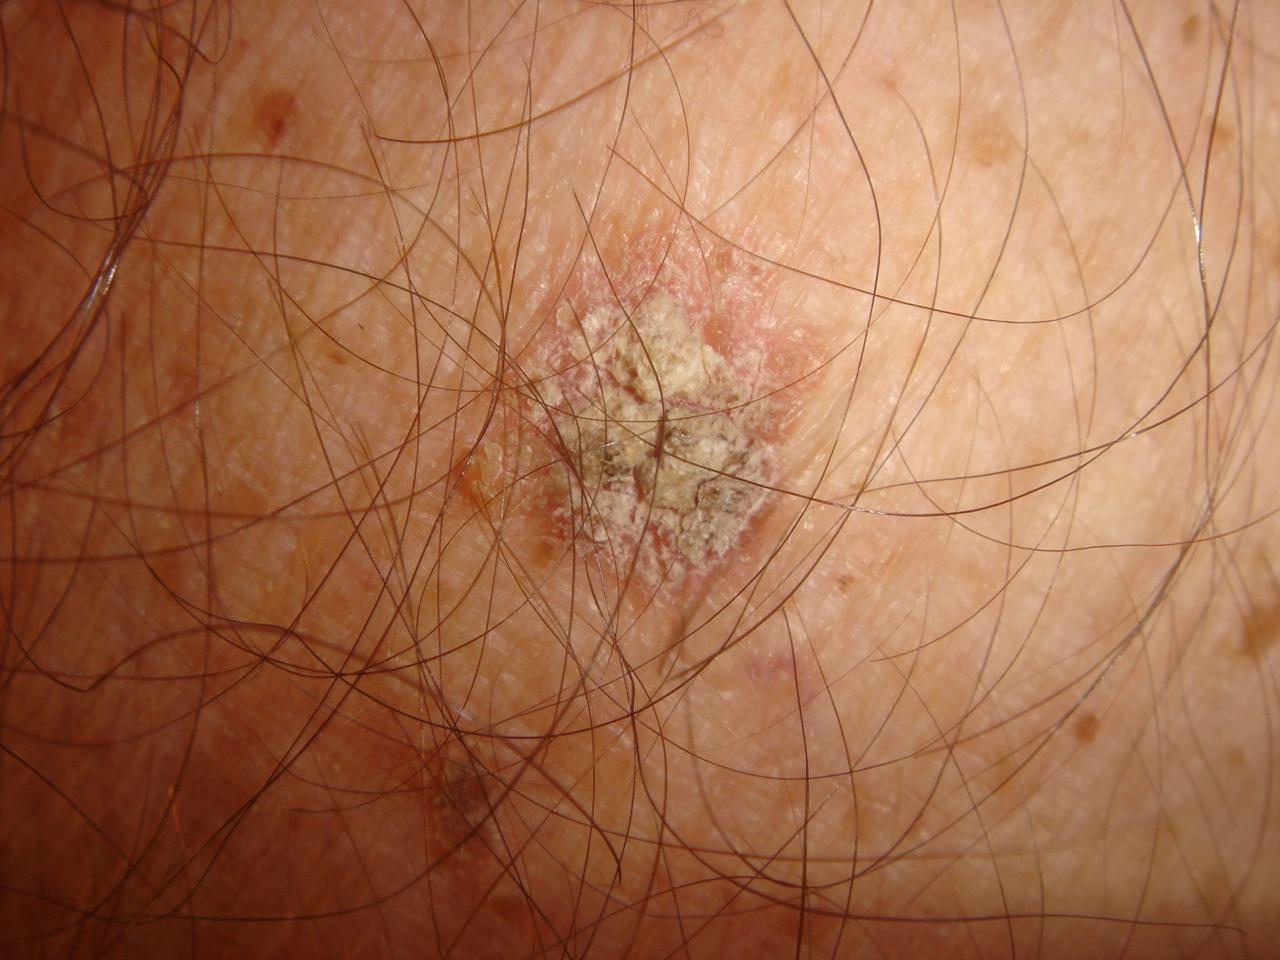 Actinic Keratosis (Solar Keratosis, Sun Spots) - Dermatology